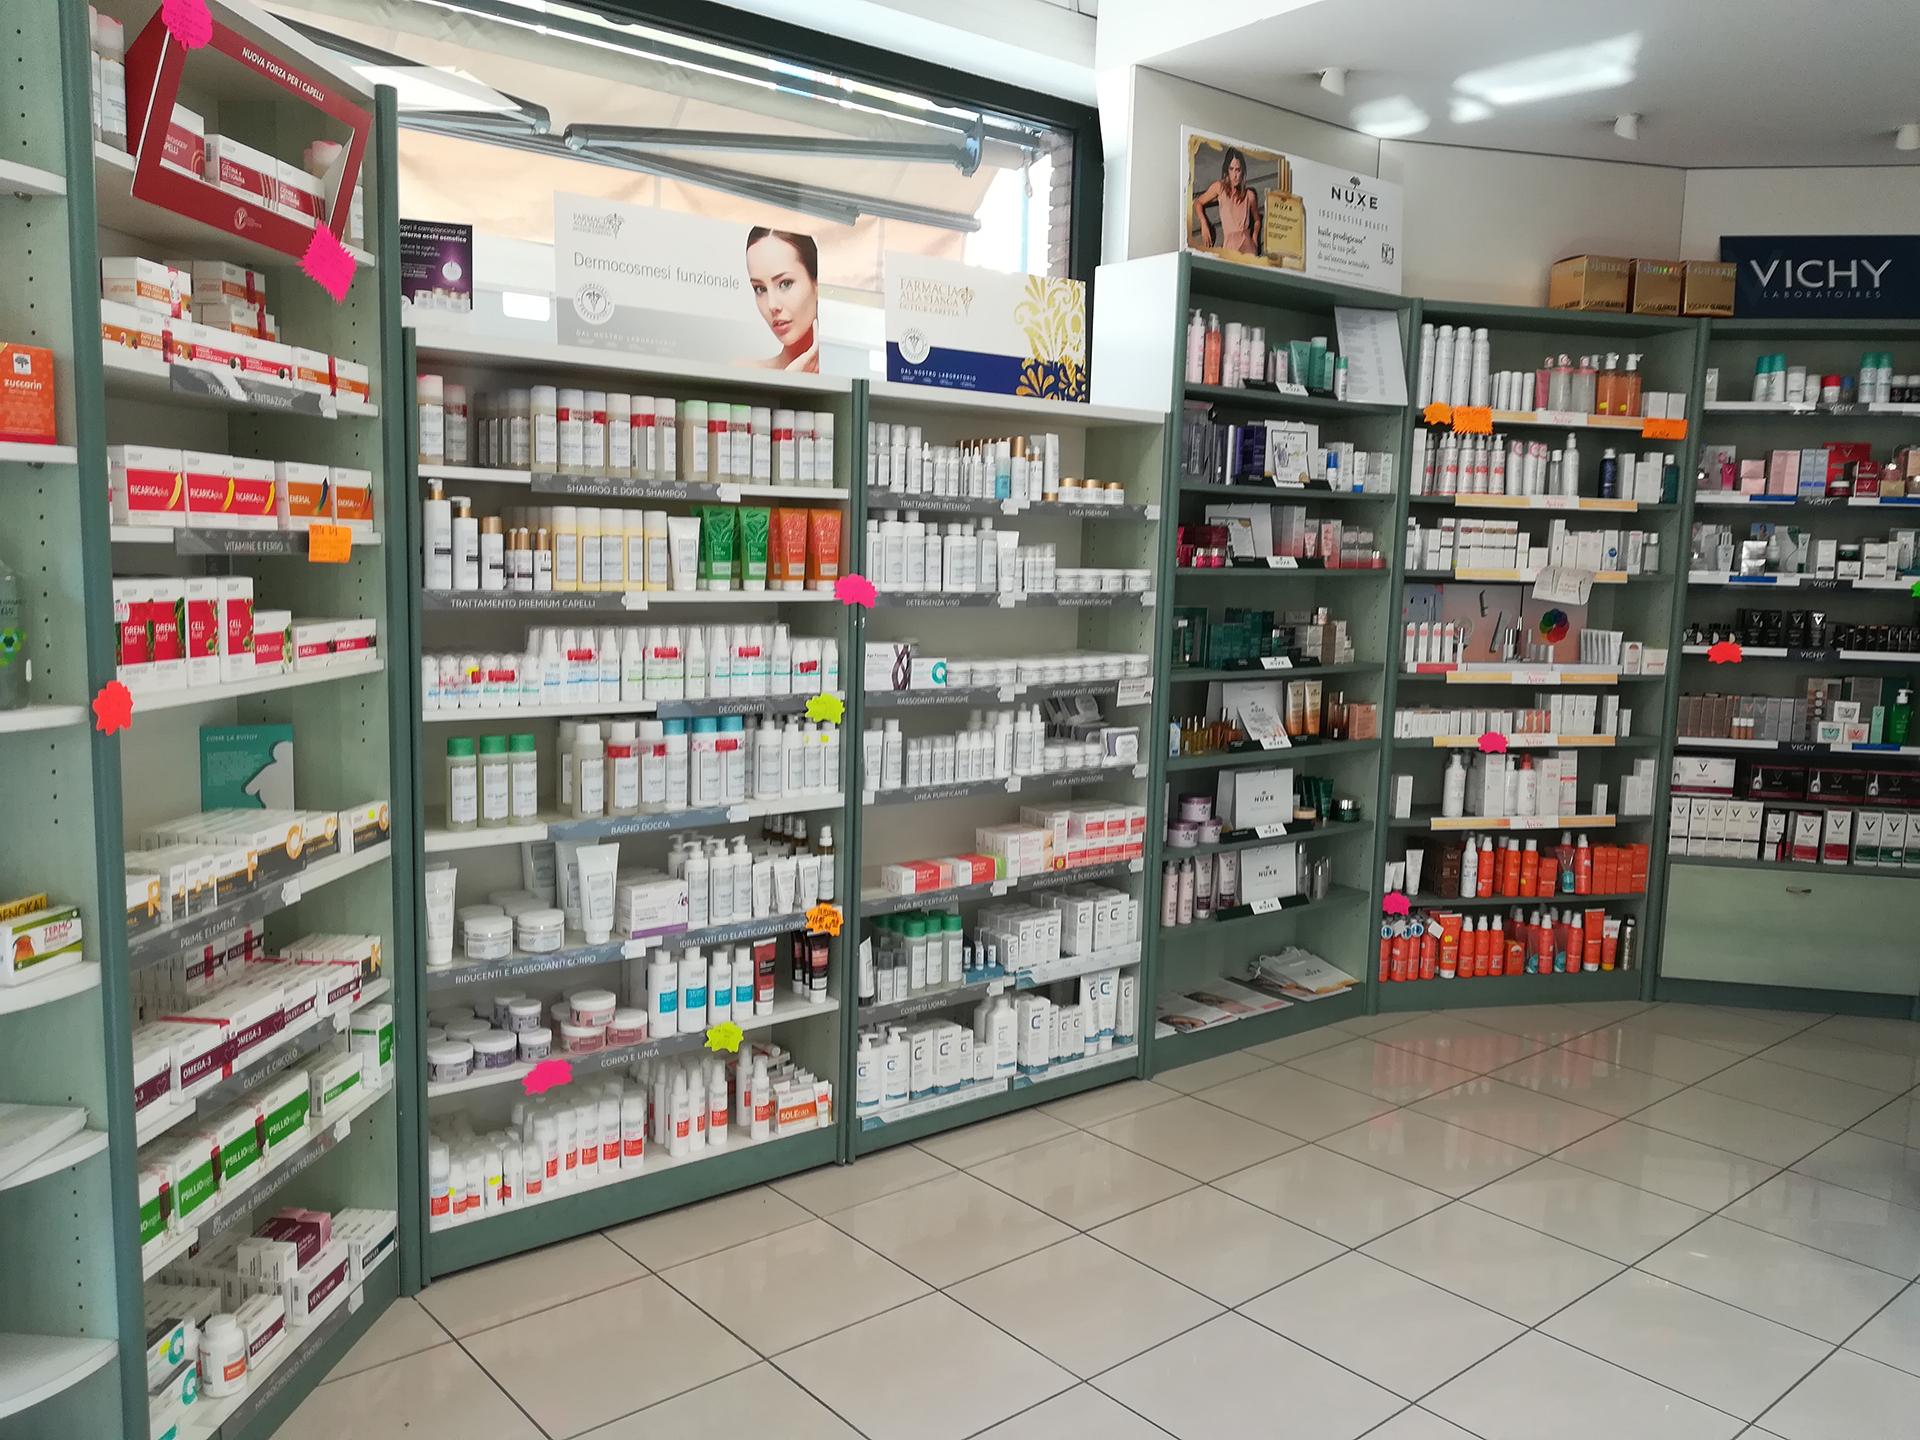 Reparti farmacia